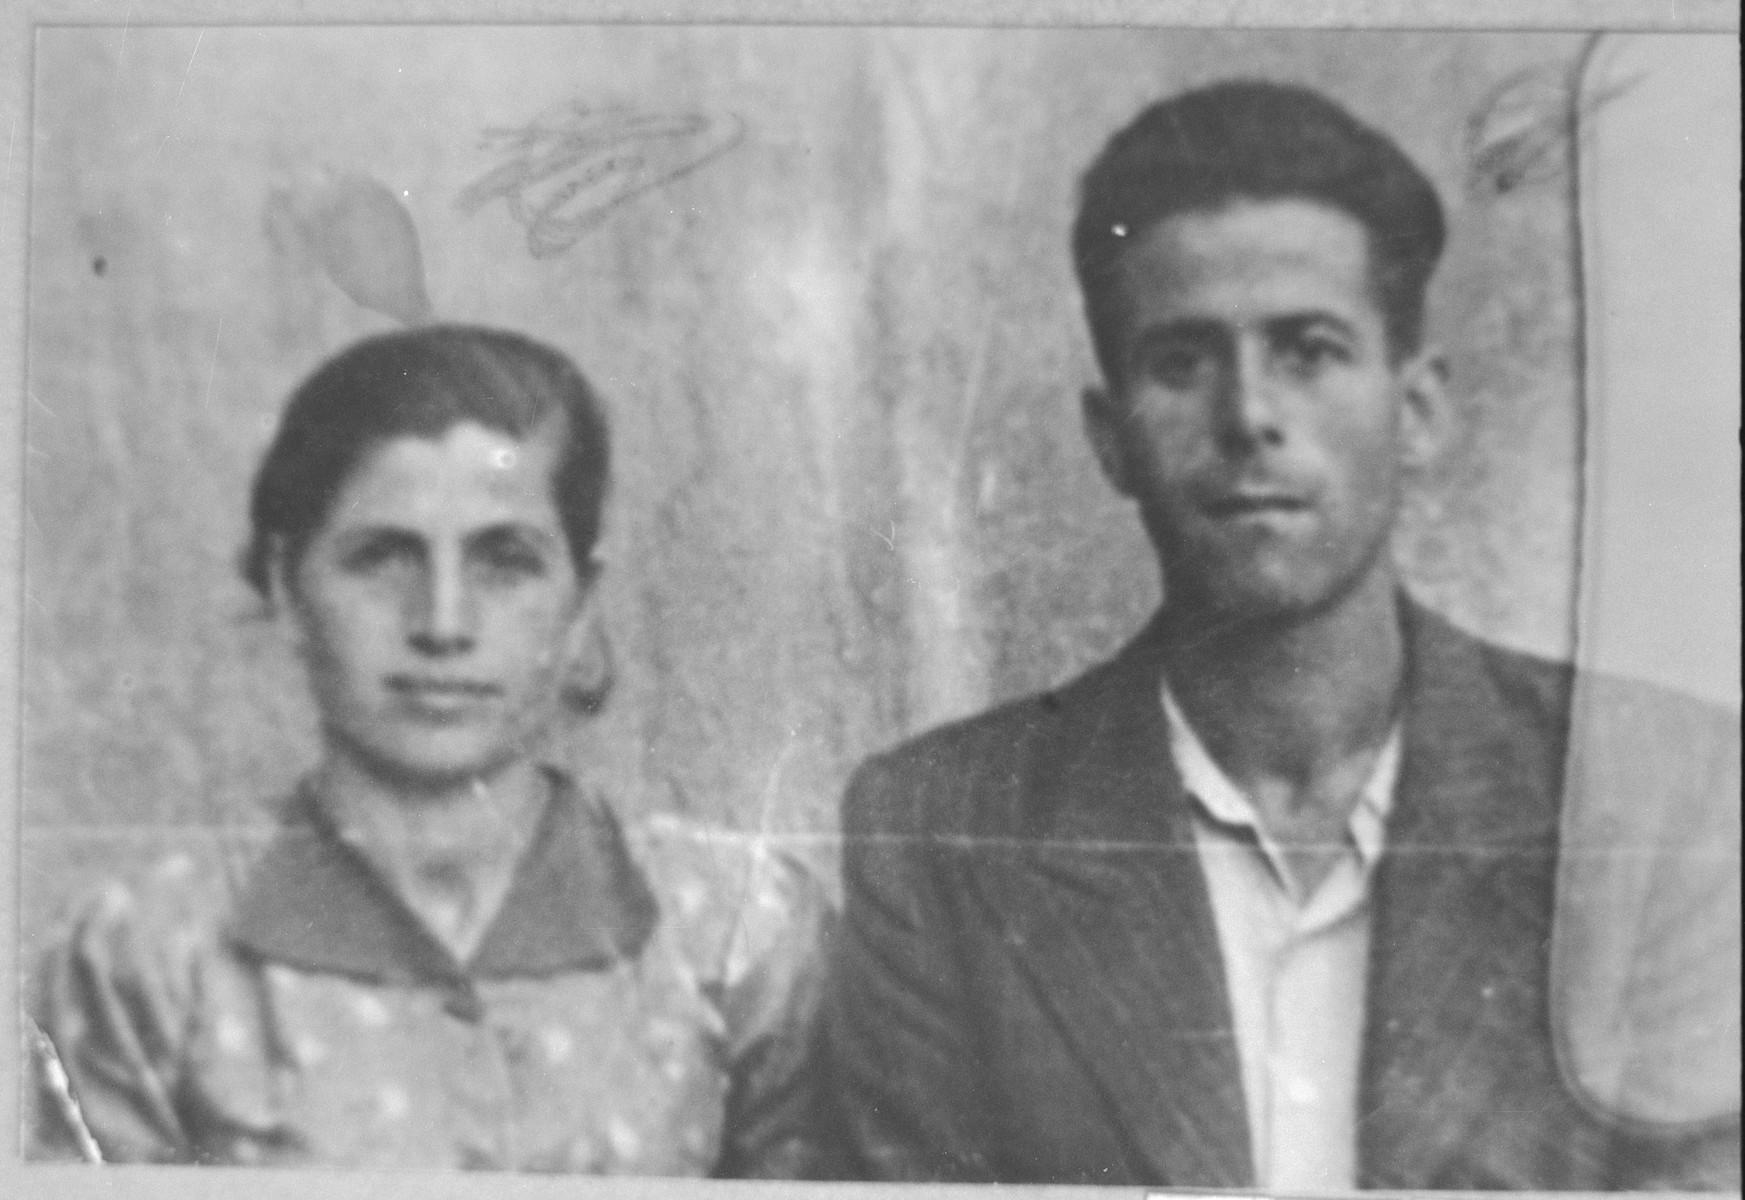 Portrait of Alberto Nachmias and Klara Nachmias.  They lived at Punika 88 in Bitola.